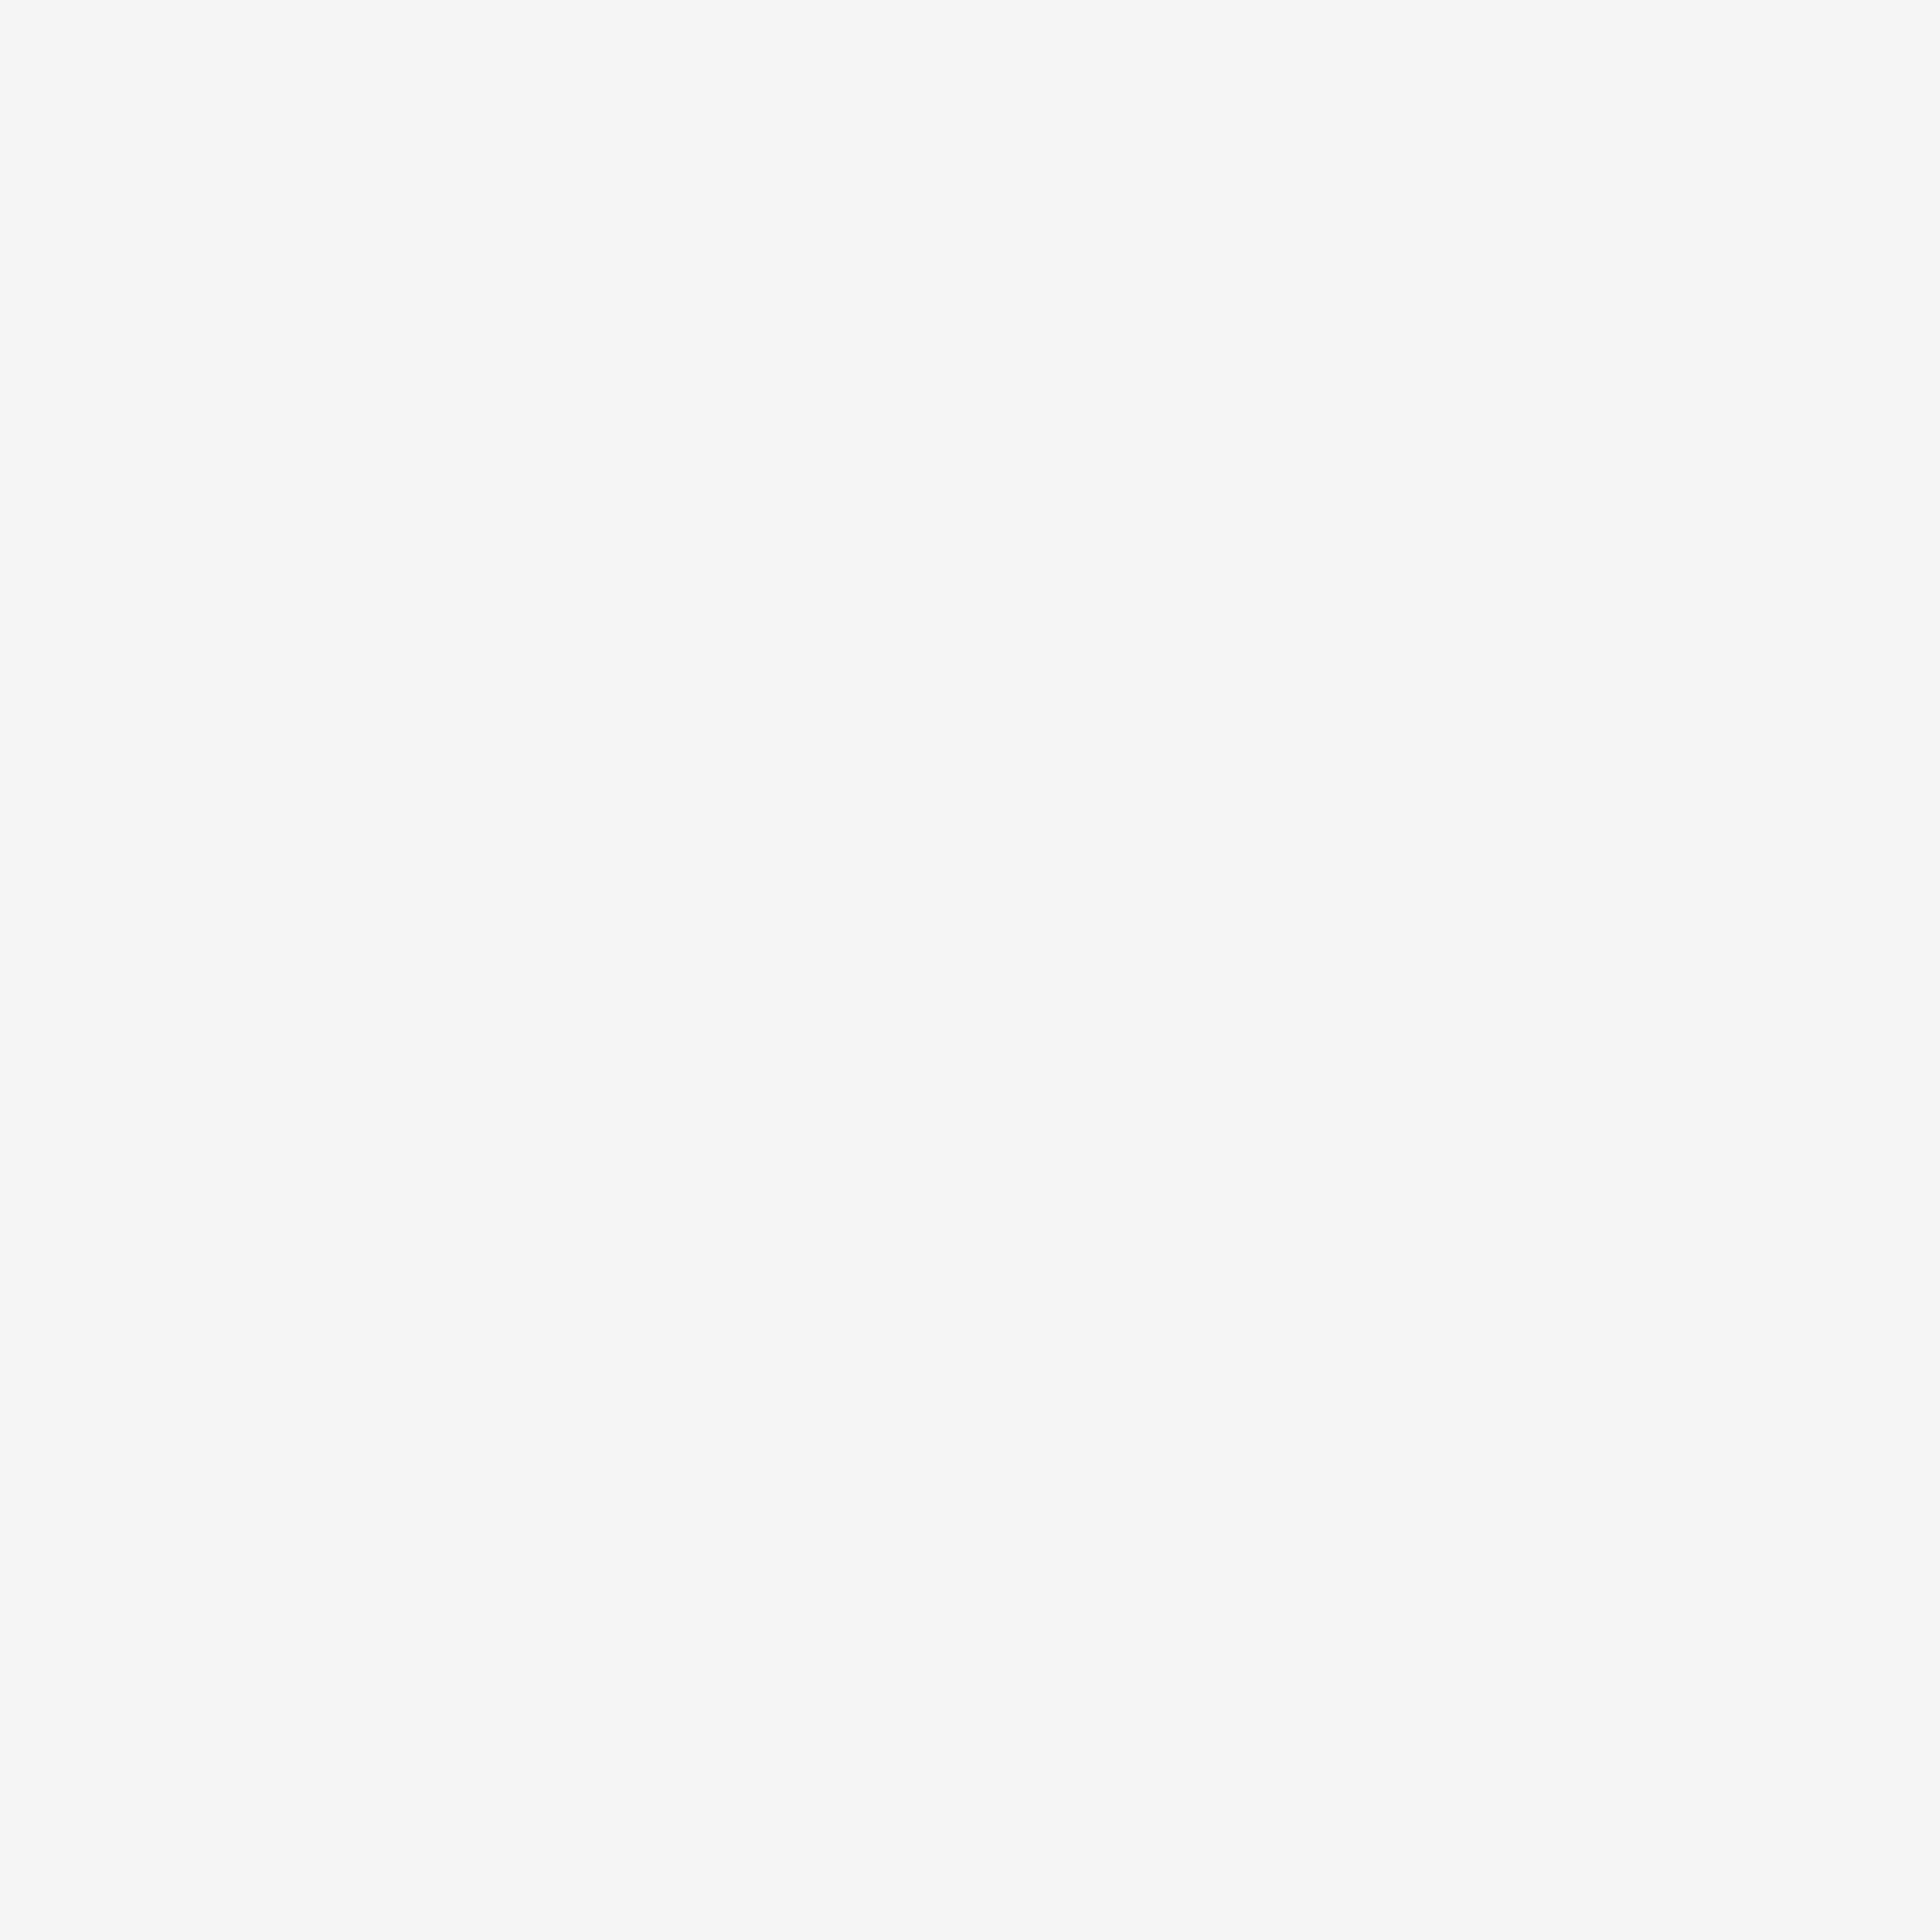 Adidas Predator Pro Keepershandschoen